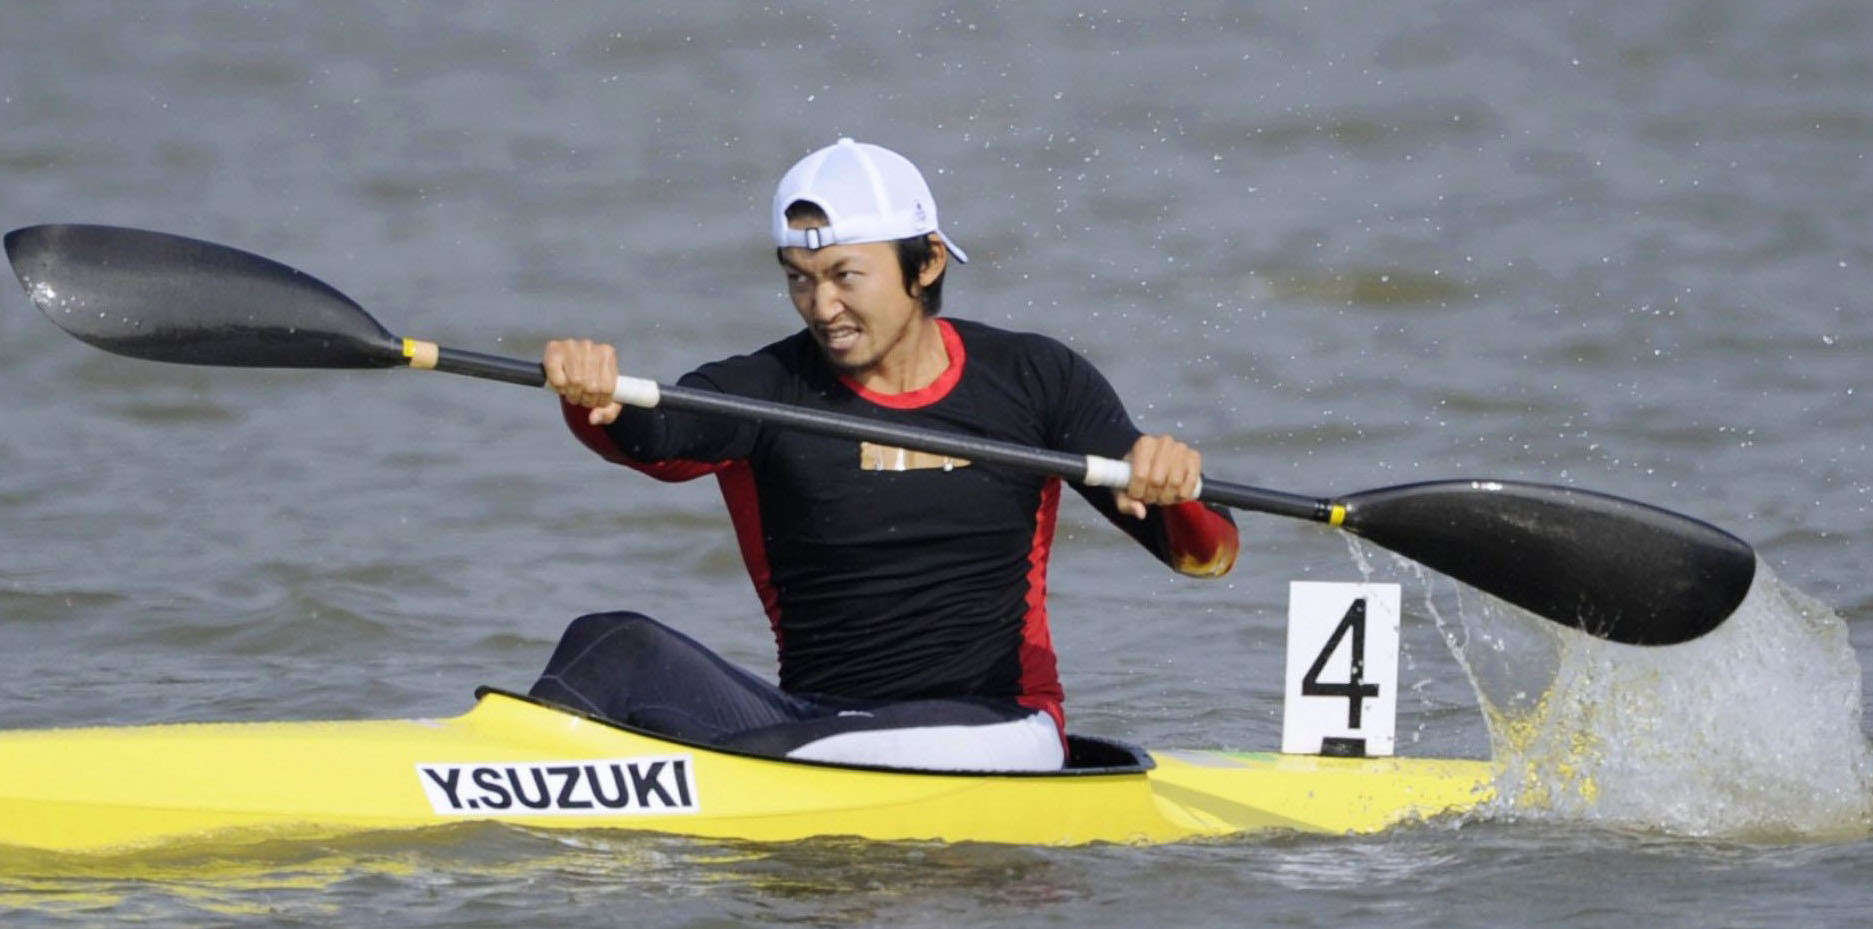 Запрещённый приём: подмешавший допинг сопернику японский гребец дисквалифицирован на 8 лет